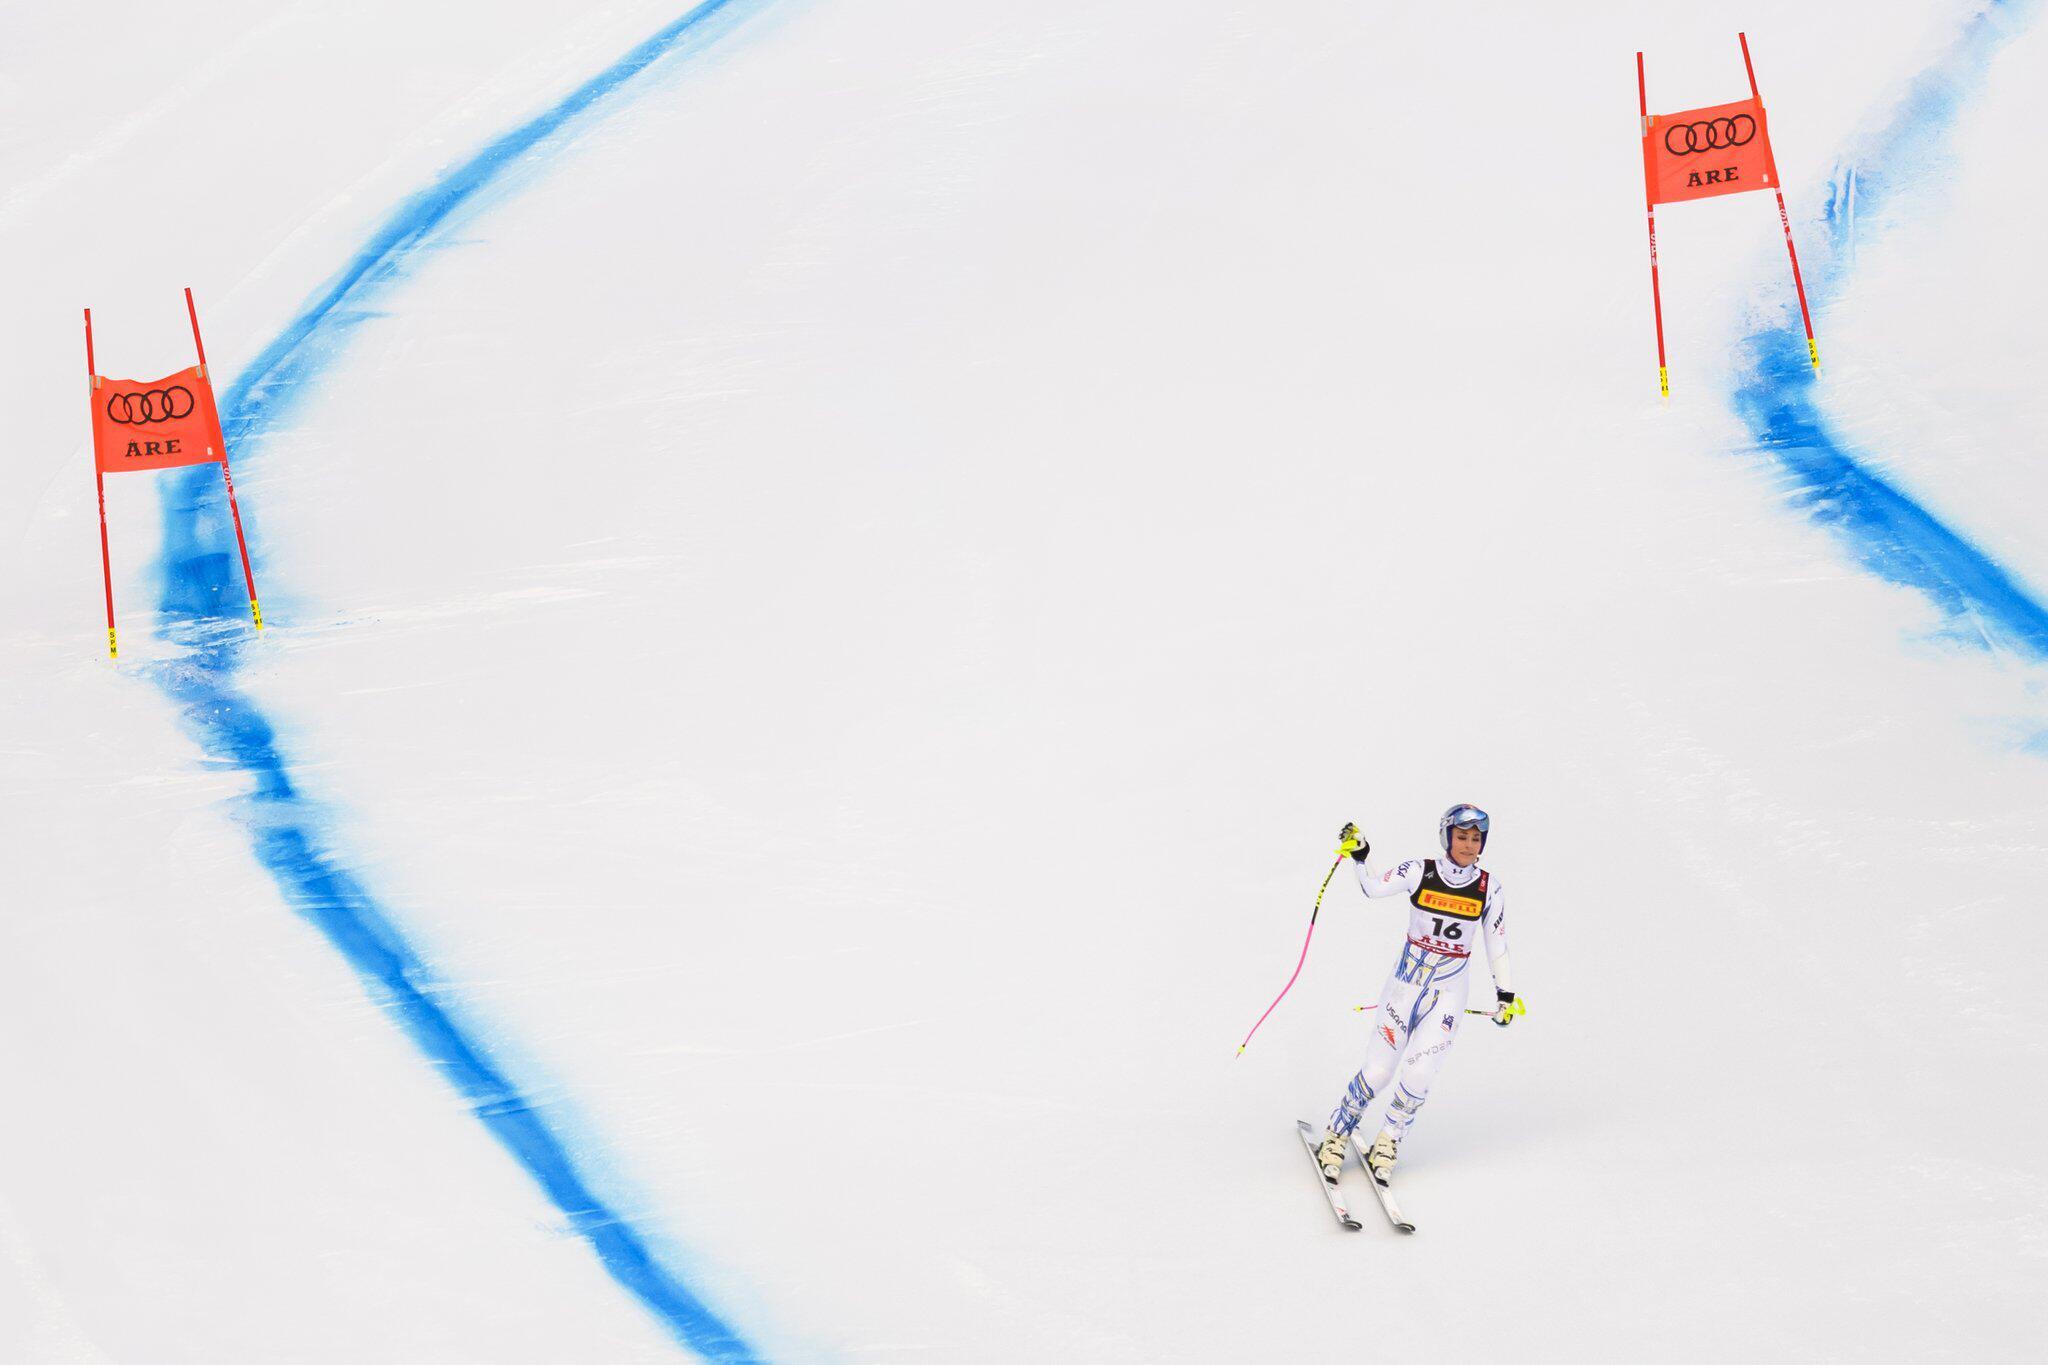 Bild zu Ski alpin Weltmeisterschaft in Are